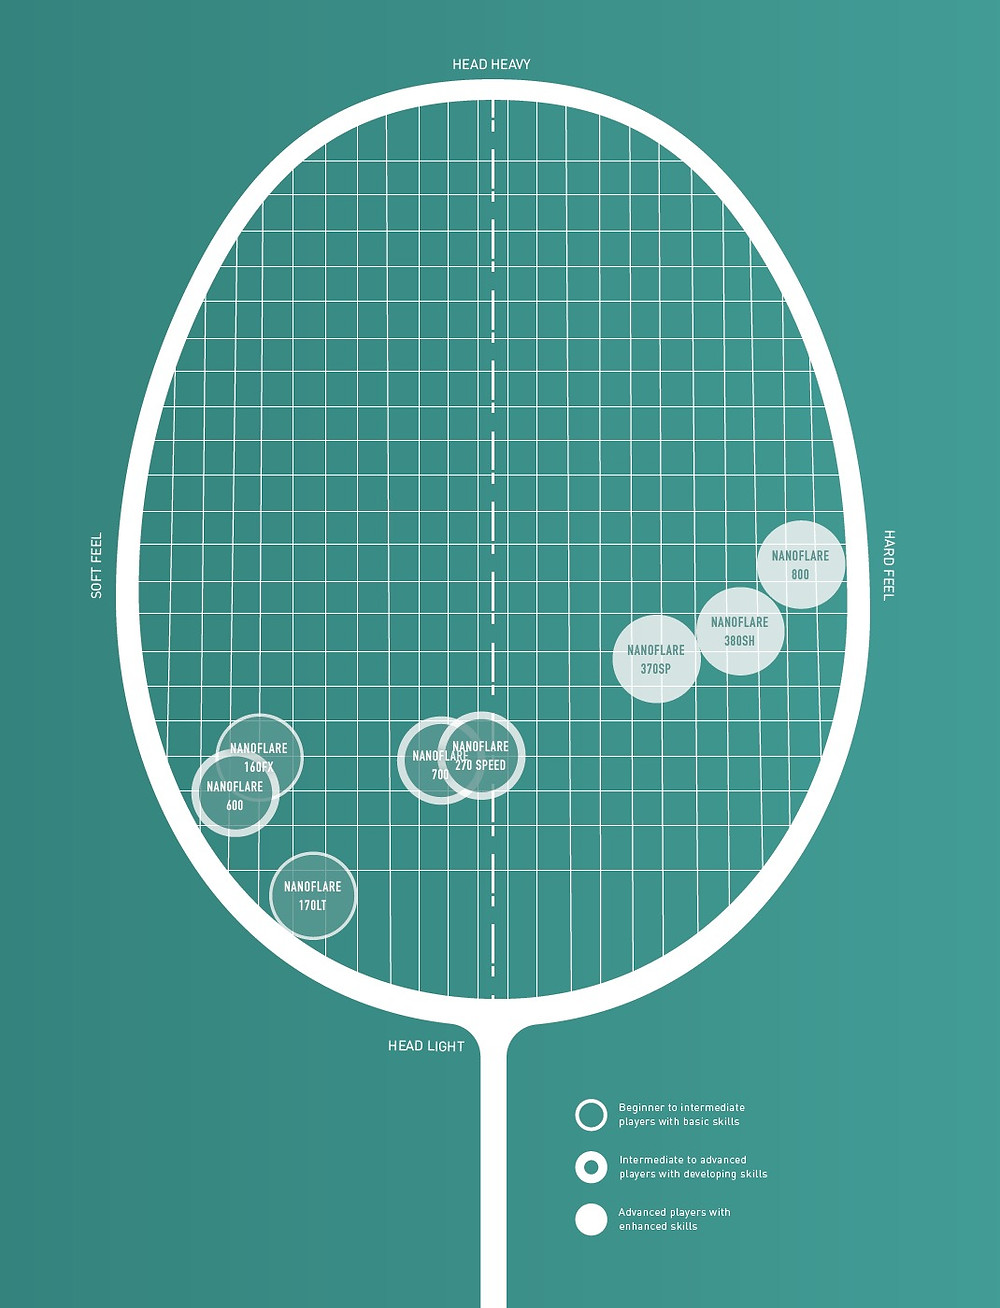 Yonex Head Light Racket Matrix